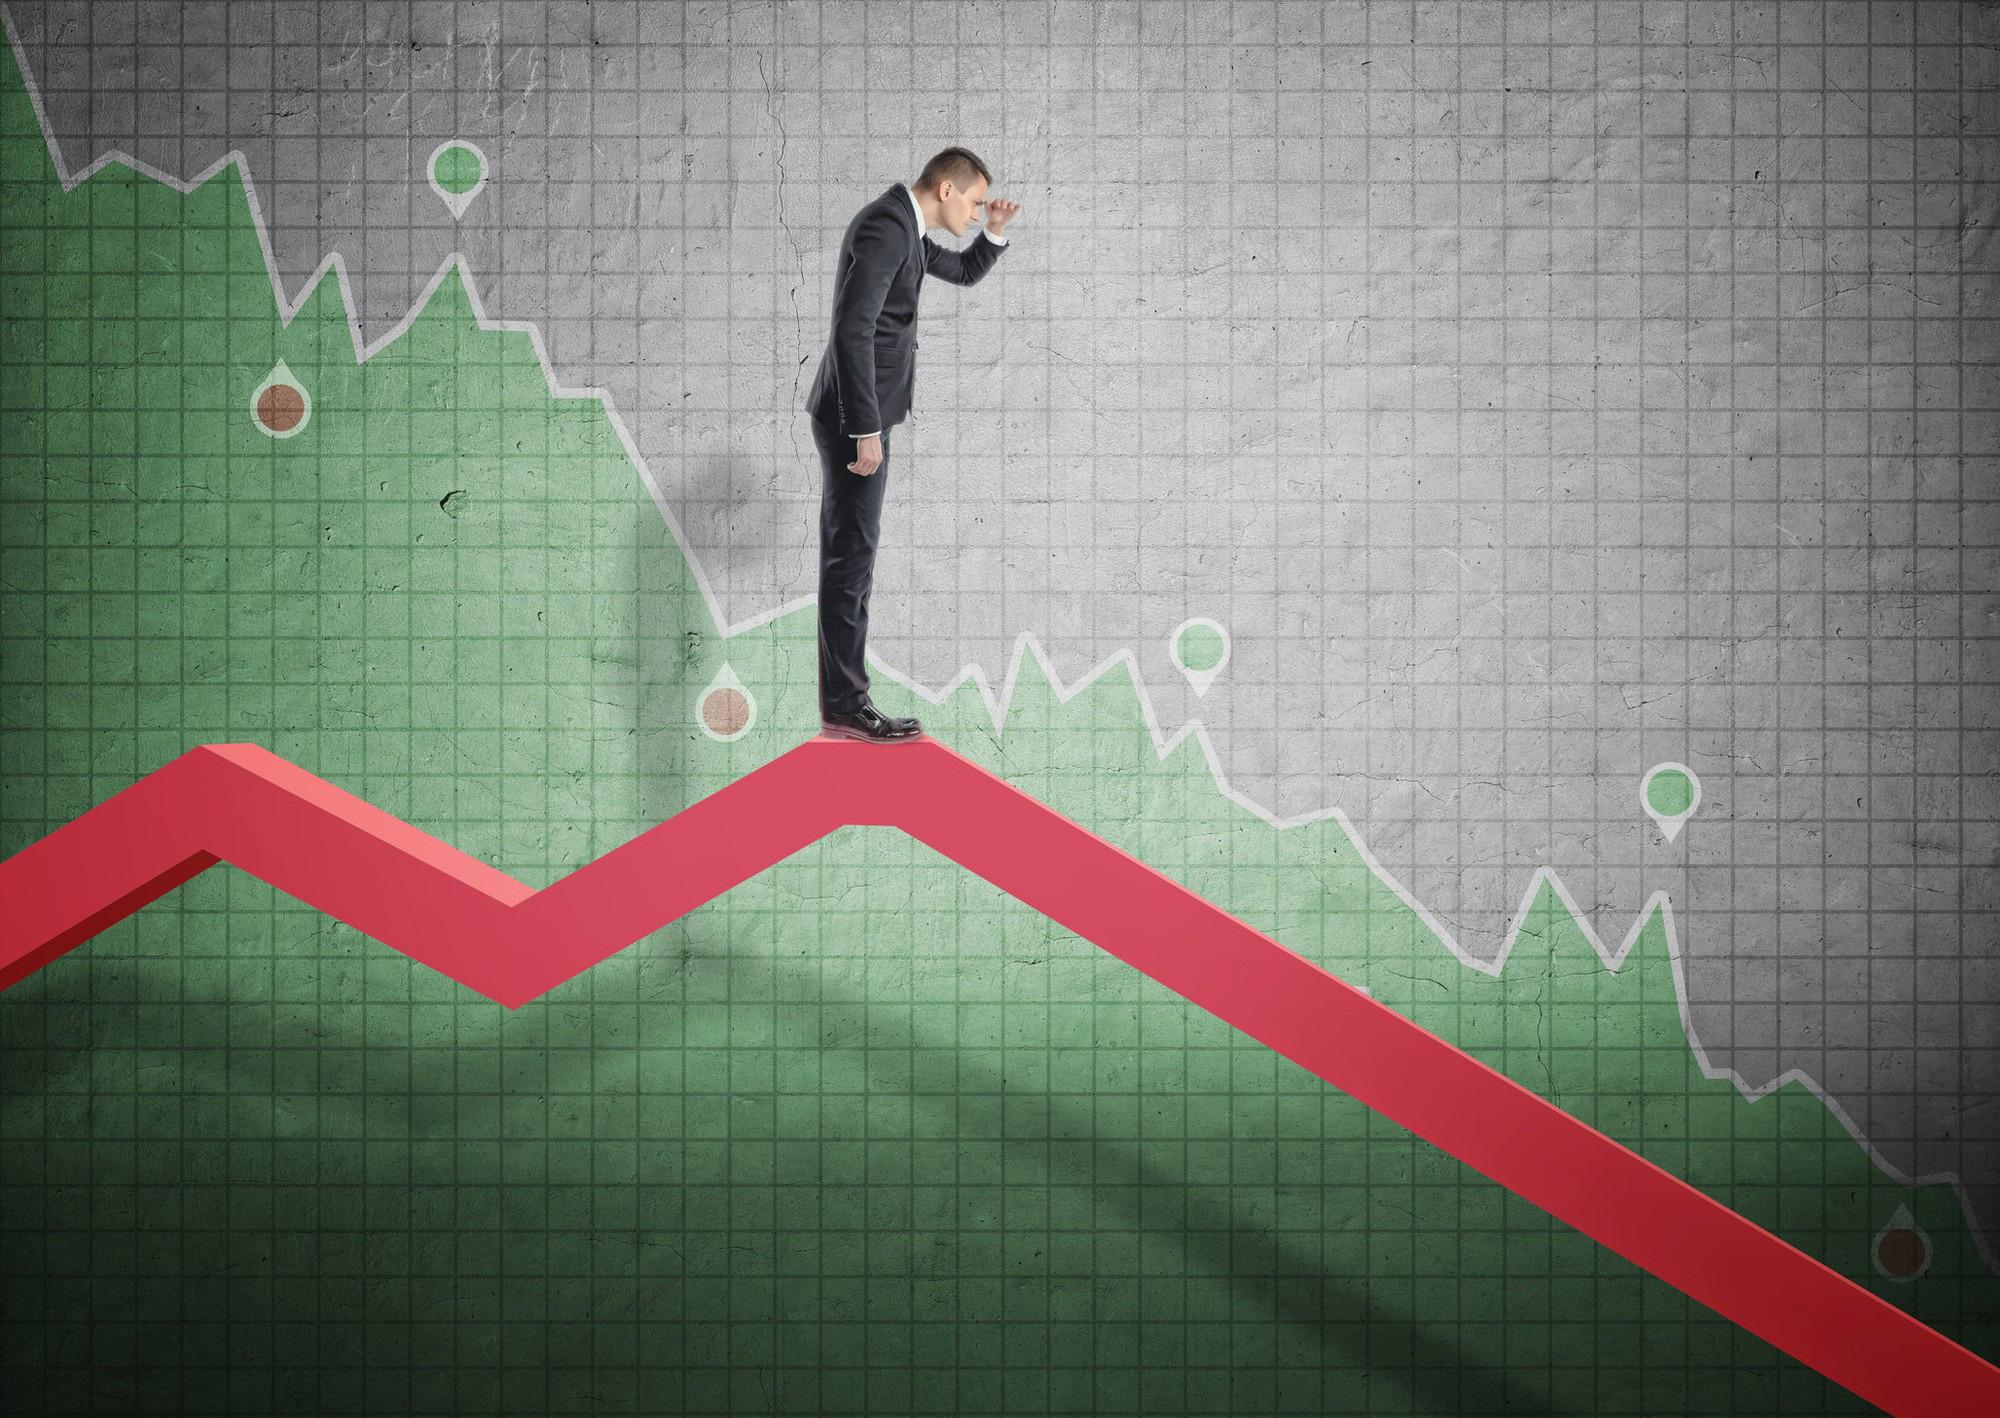 Thị trường chứng khoán 27/7: Theo xu hướng tiêu cực - Ảnh 1.